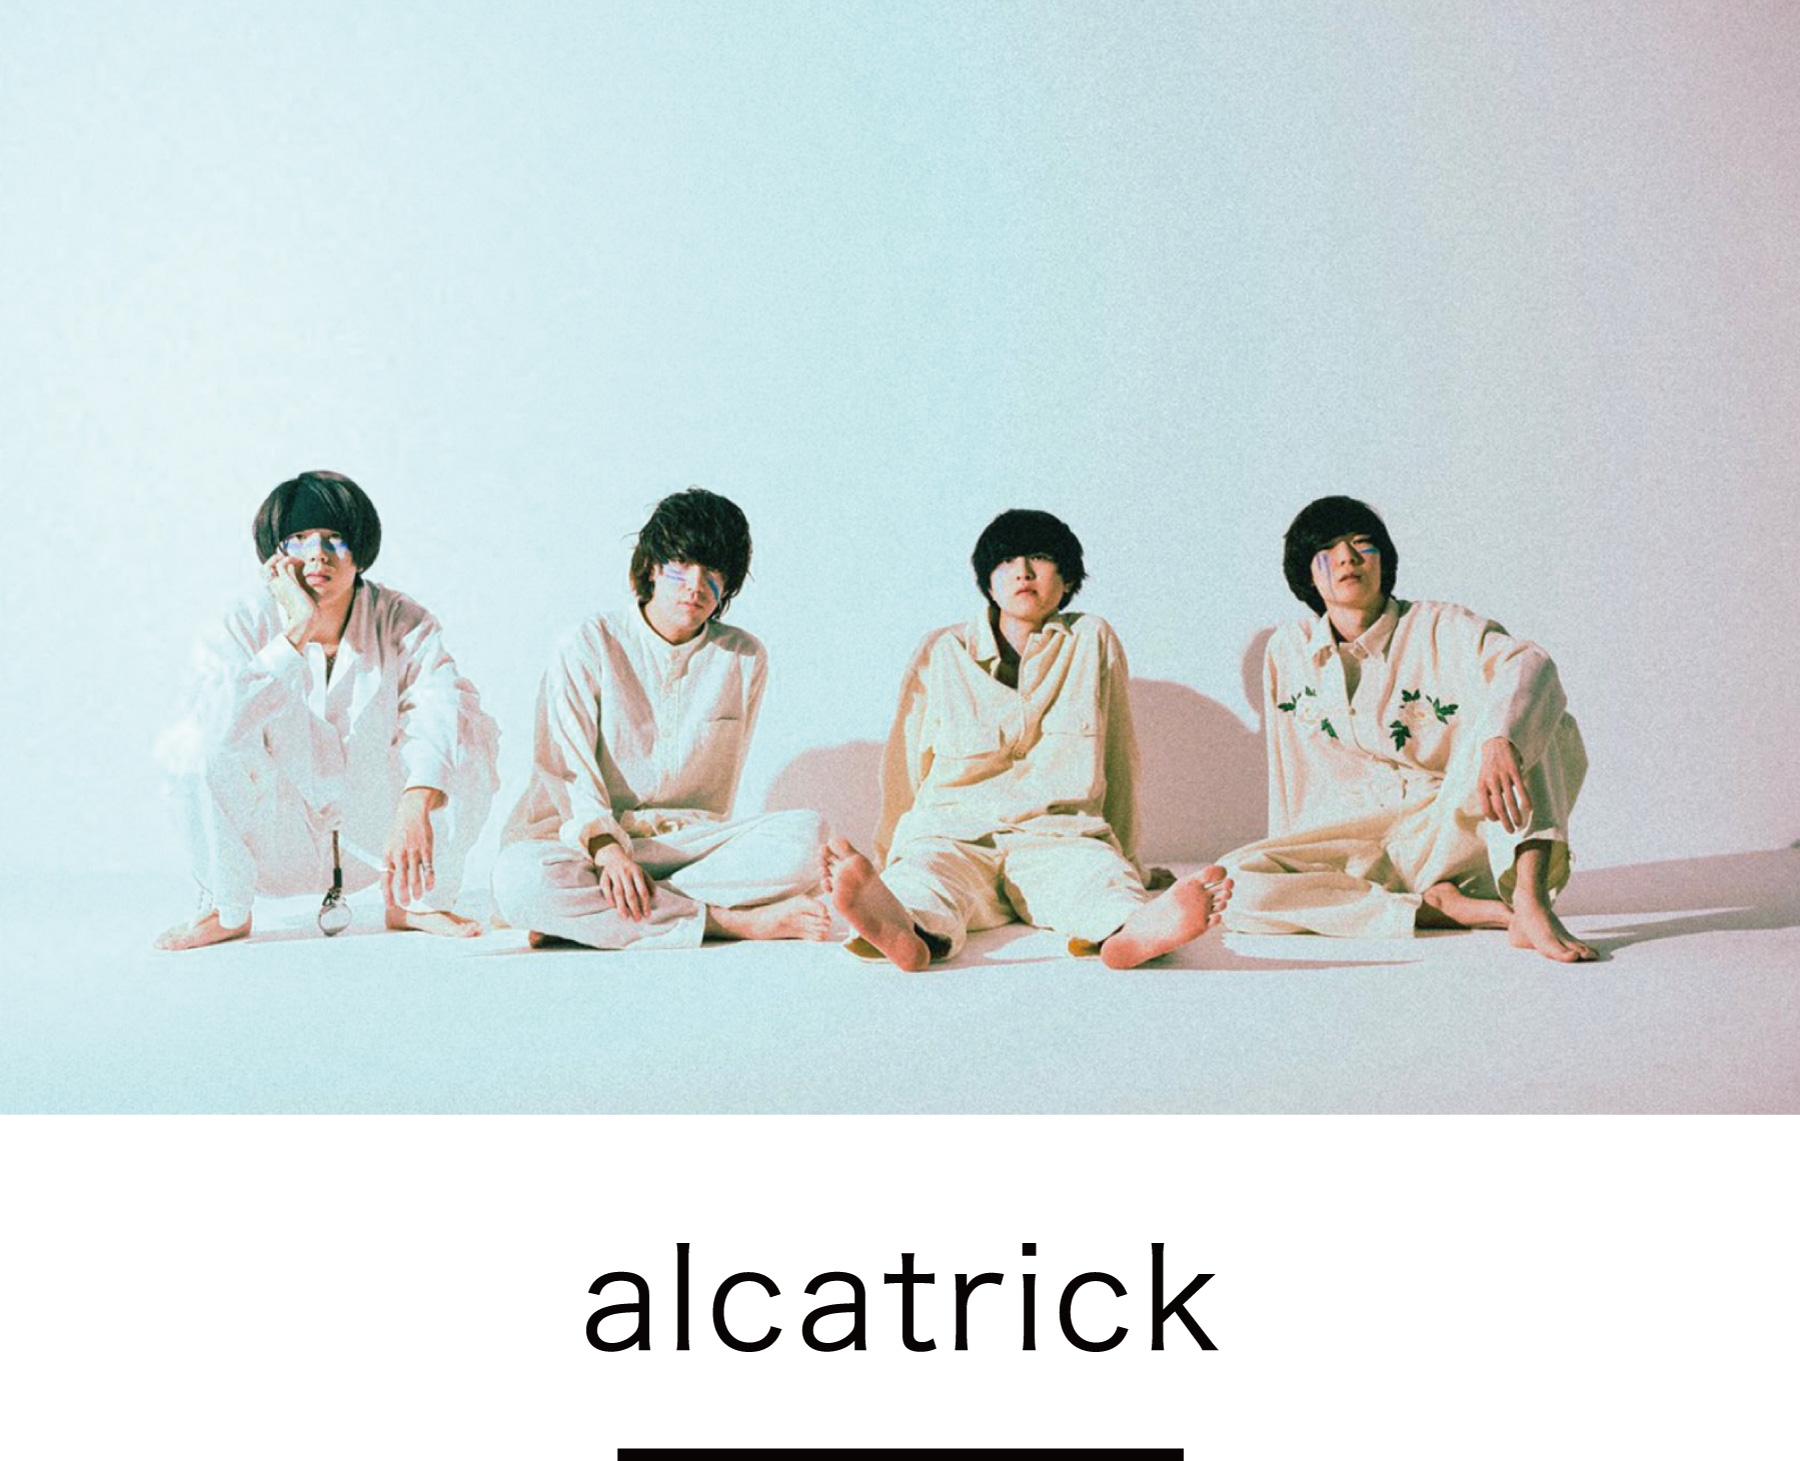 alcatrick